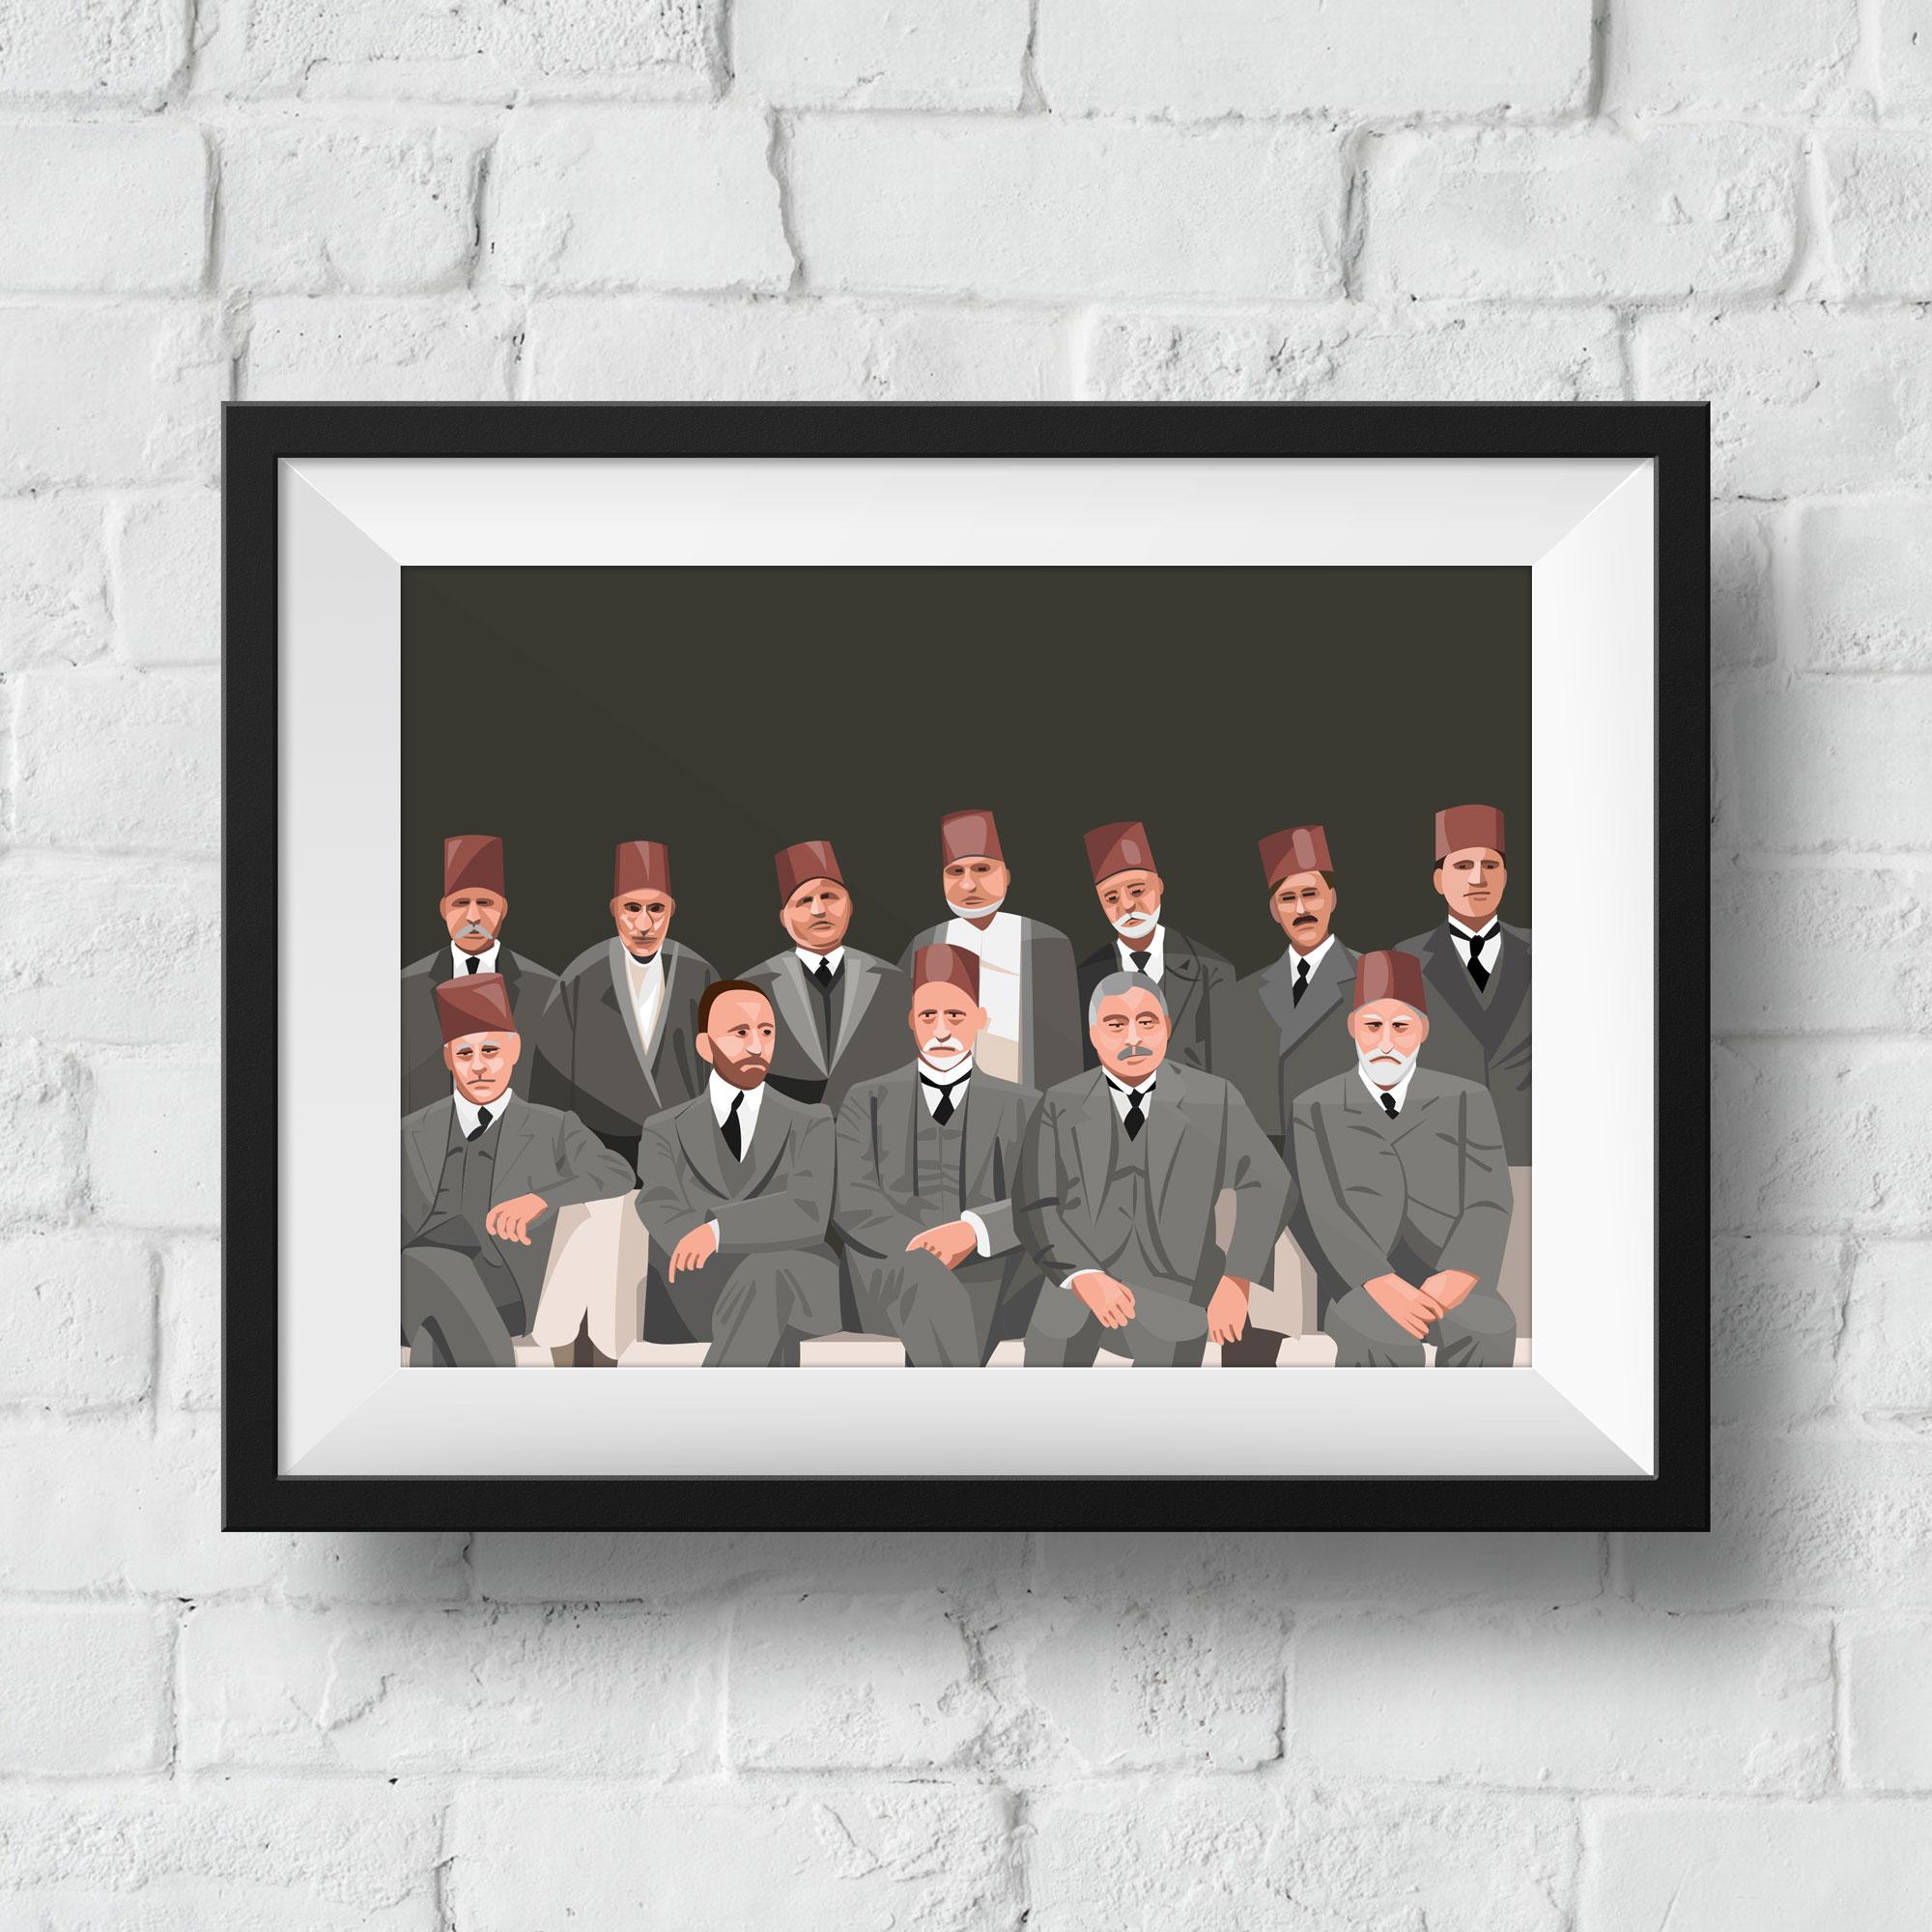 les-ottomans-framed-horizontal-2000-2000